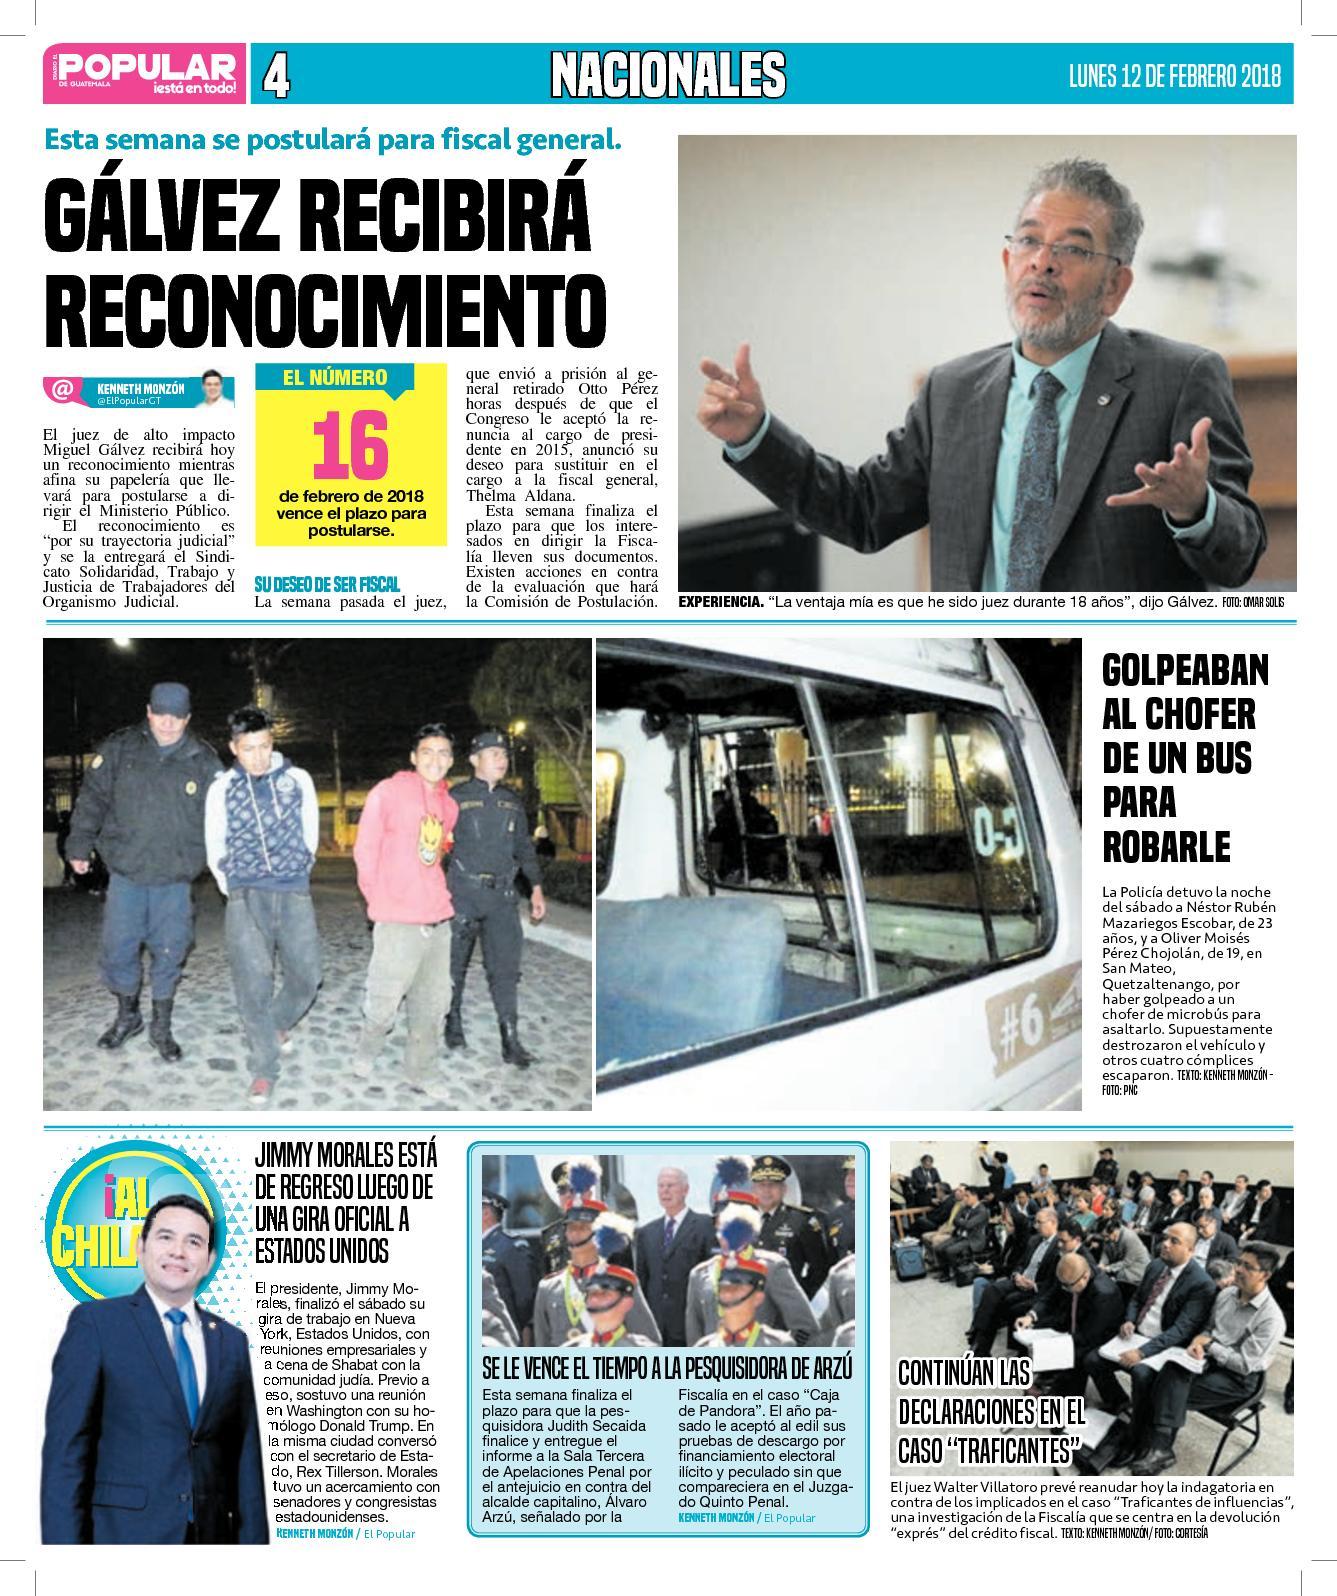 EL POPULAR GUATEMALA 12022018 - CALAMEO Downloader